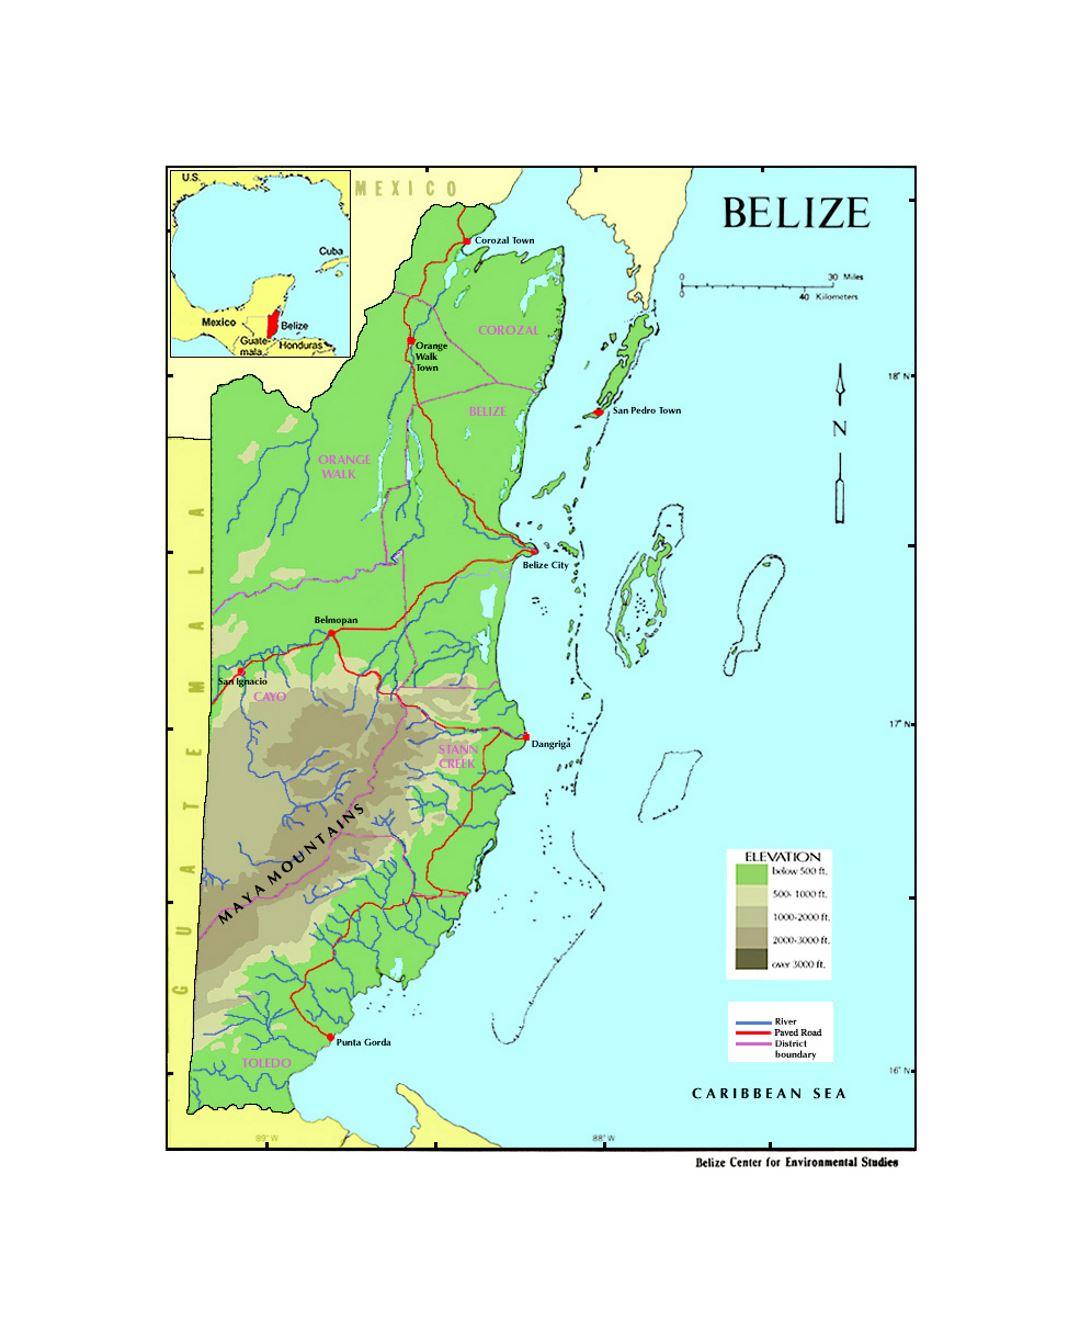 Elevation Map Of Belize Belize North America Mapsland Maps - Elevation world